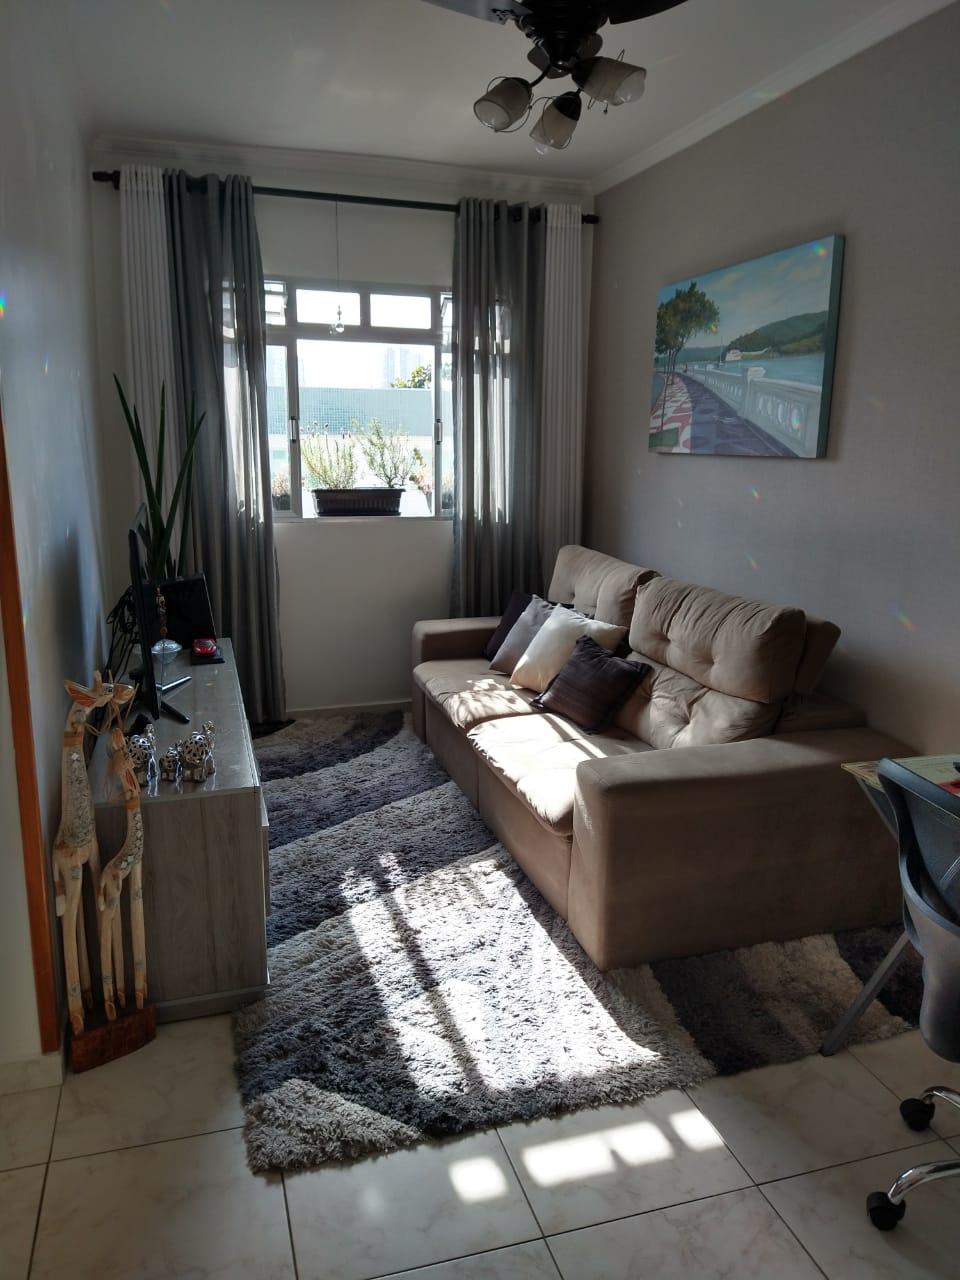 próximo ao canal 5 em prédio de 3 andares , bom apartamento totalmente reformado com 2 dormitórios . - foto 4